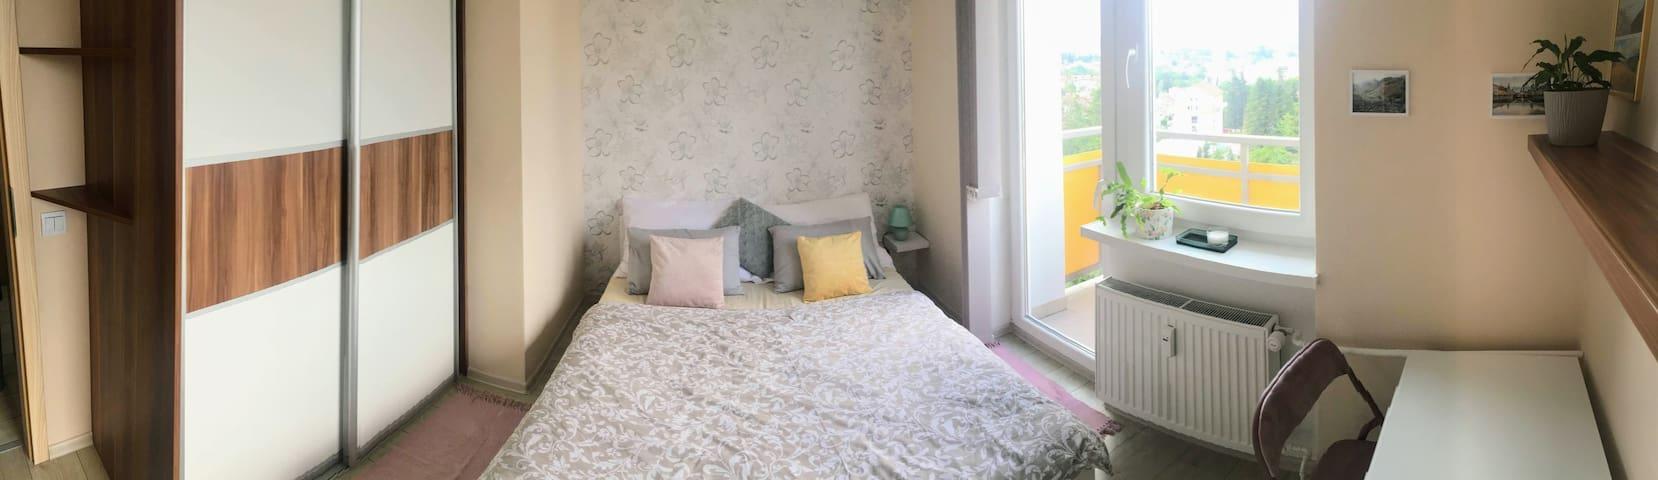 Spálňa číslo 1 (posteľ 160x200cm, vstavaná skriňa, stôl, stolička, balkón)